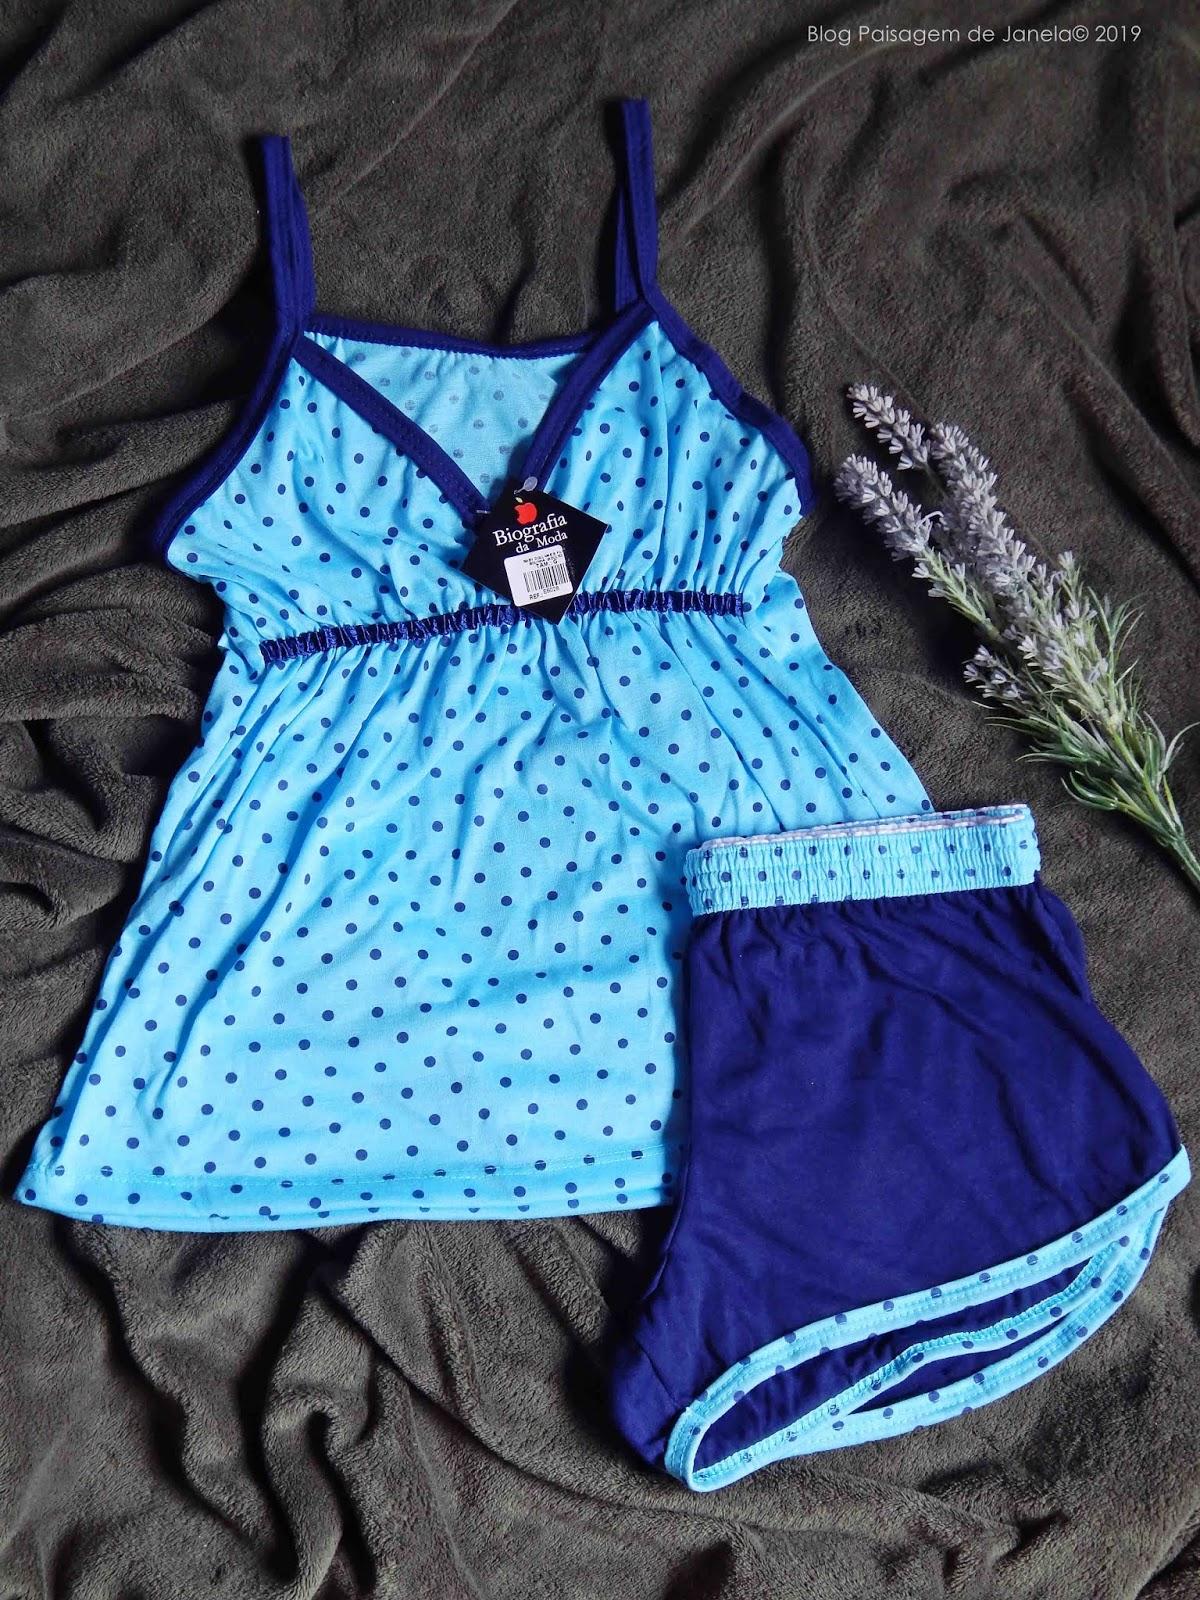 22ddf2b7e Peças Biografia da Moda Lingerie - Blog Paisagem de Janela